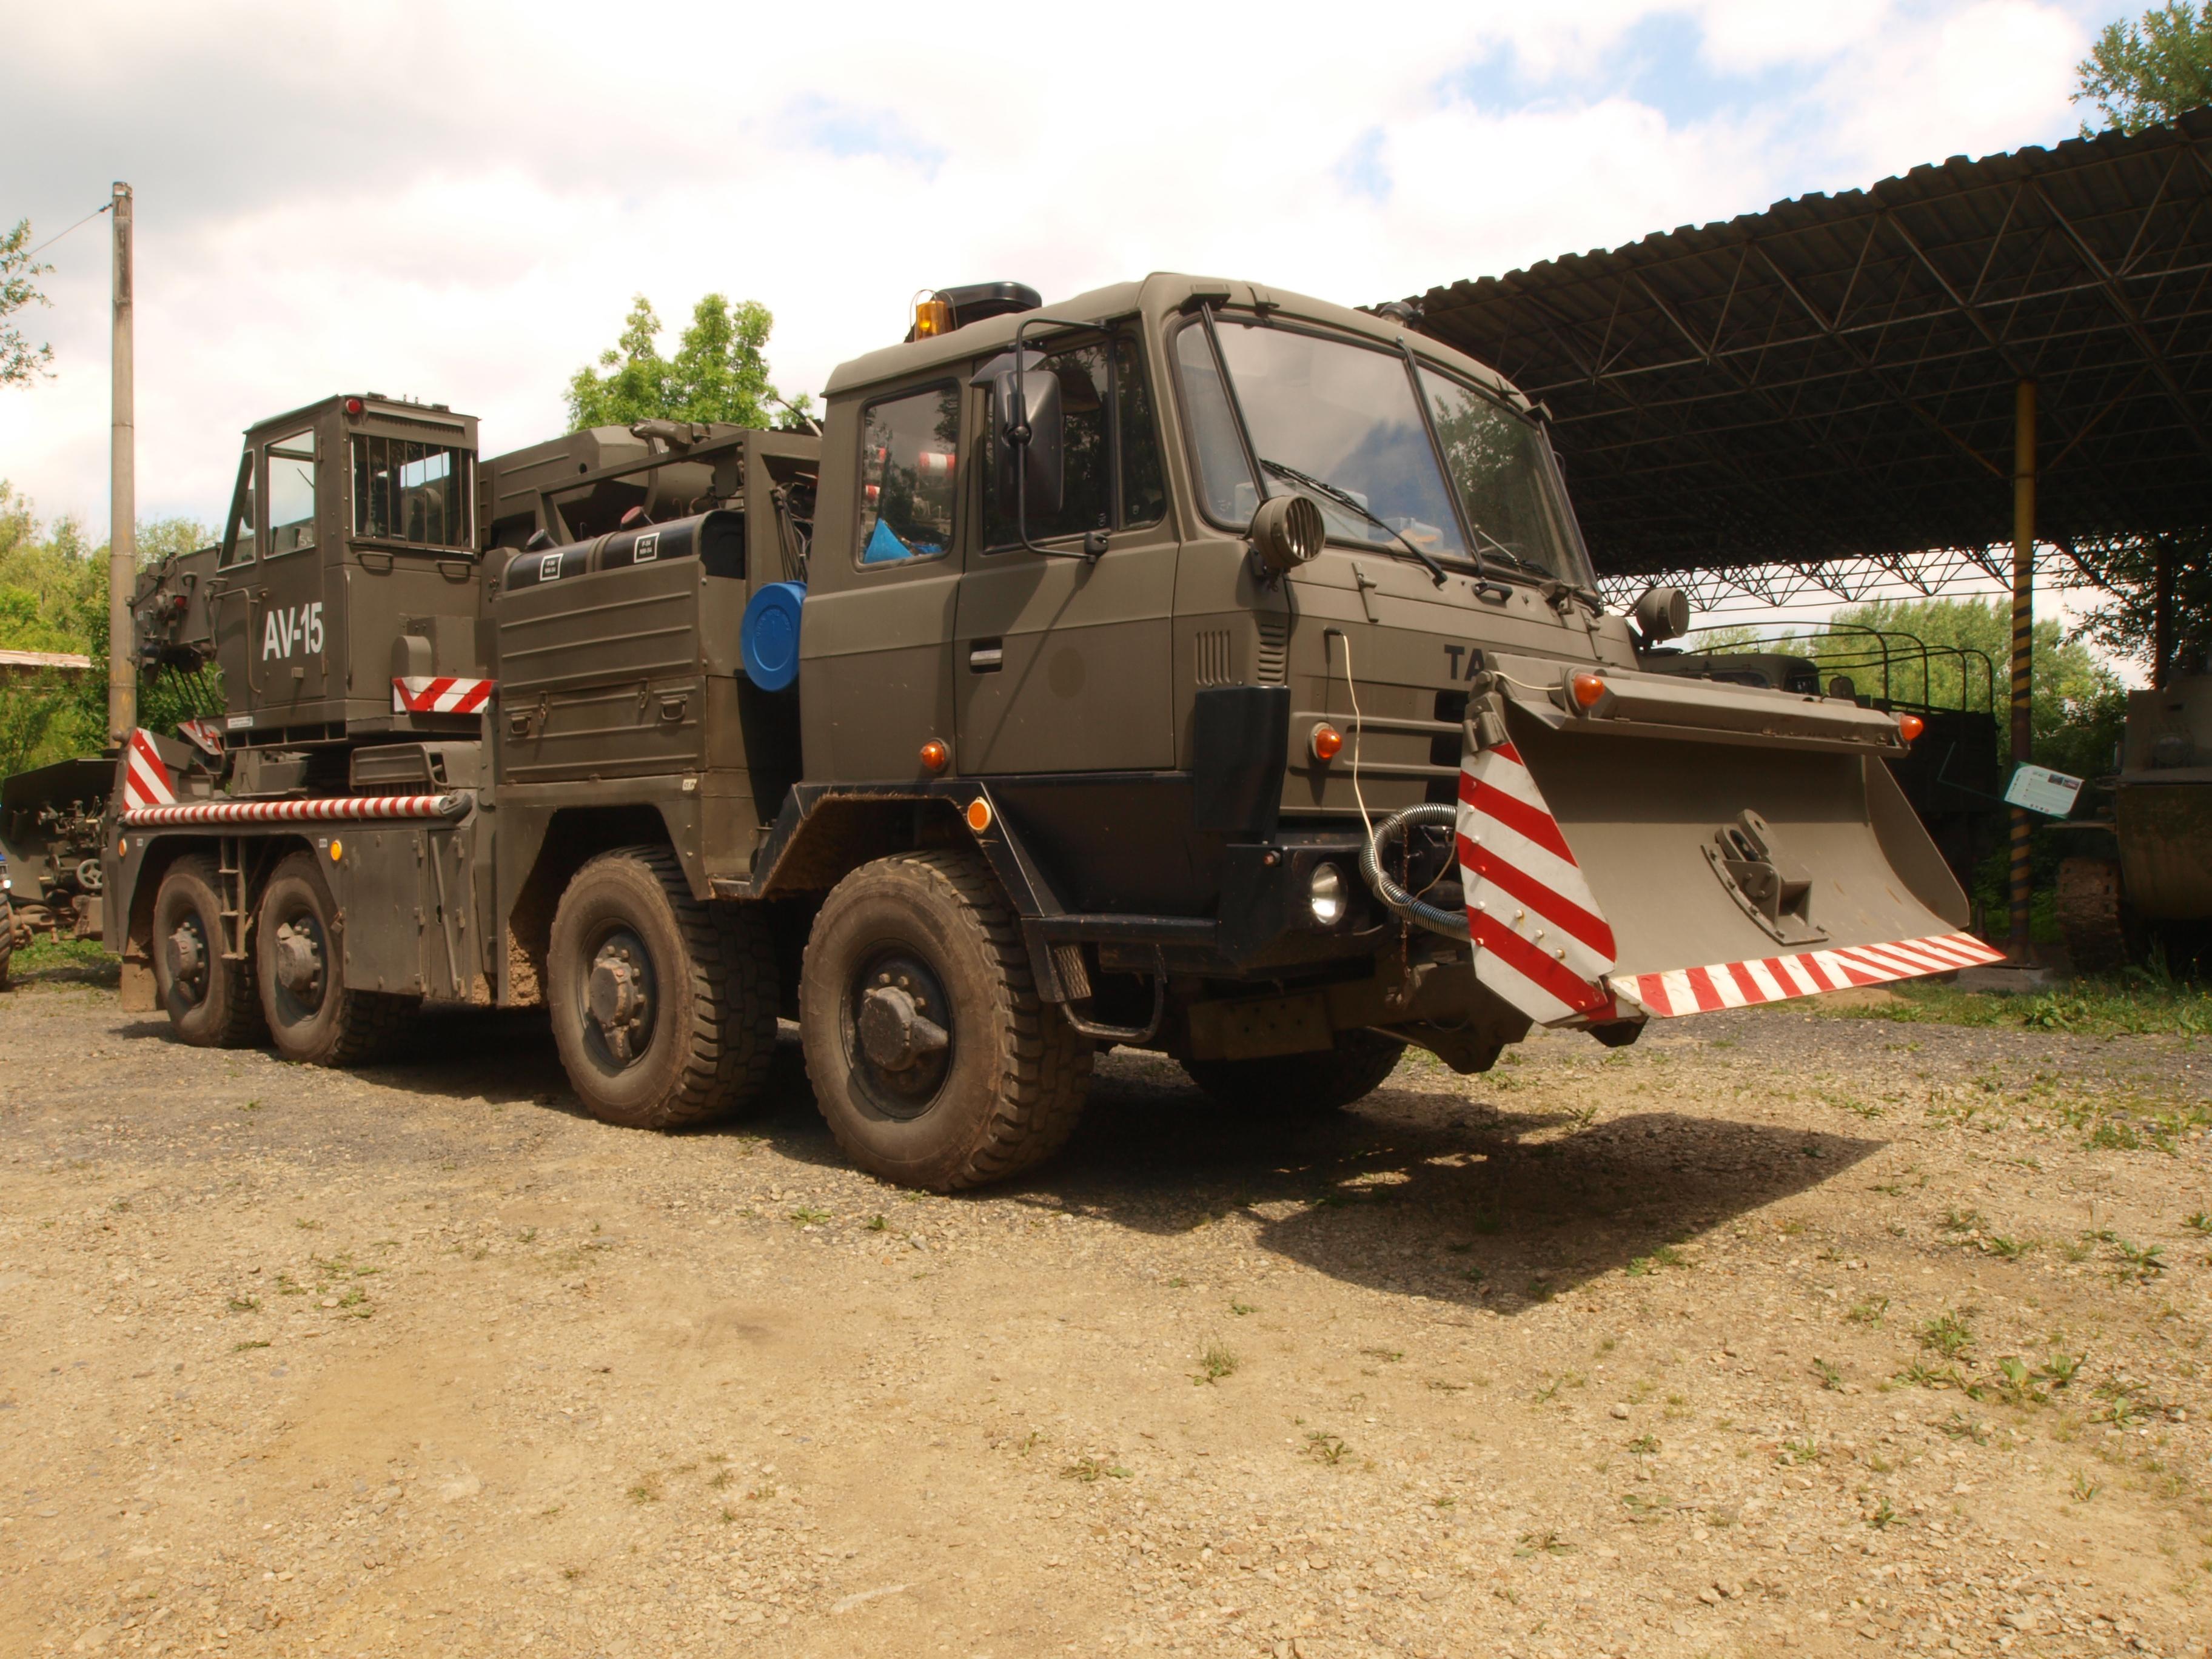 File:Tatra 815 AV 15 pic2.JPG